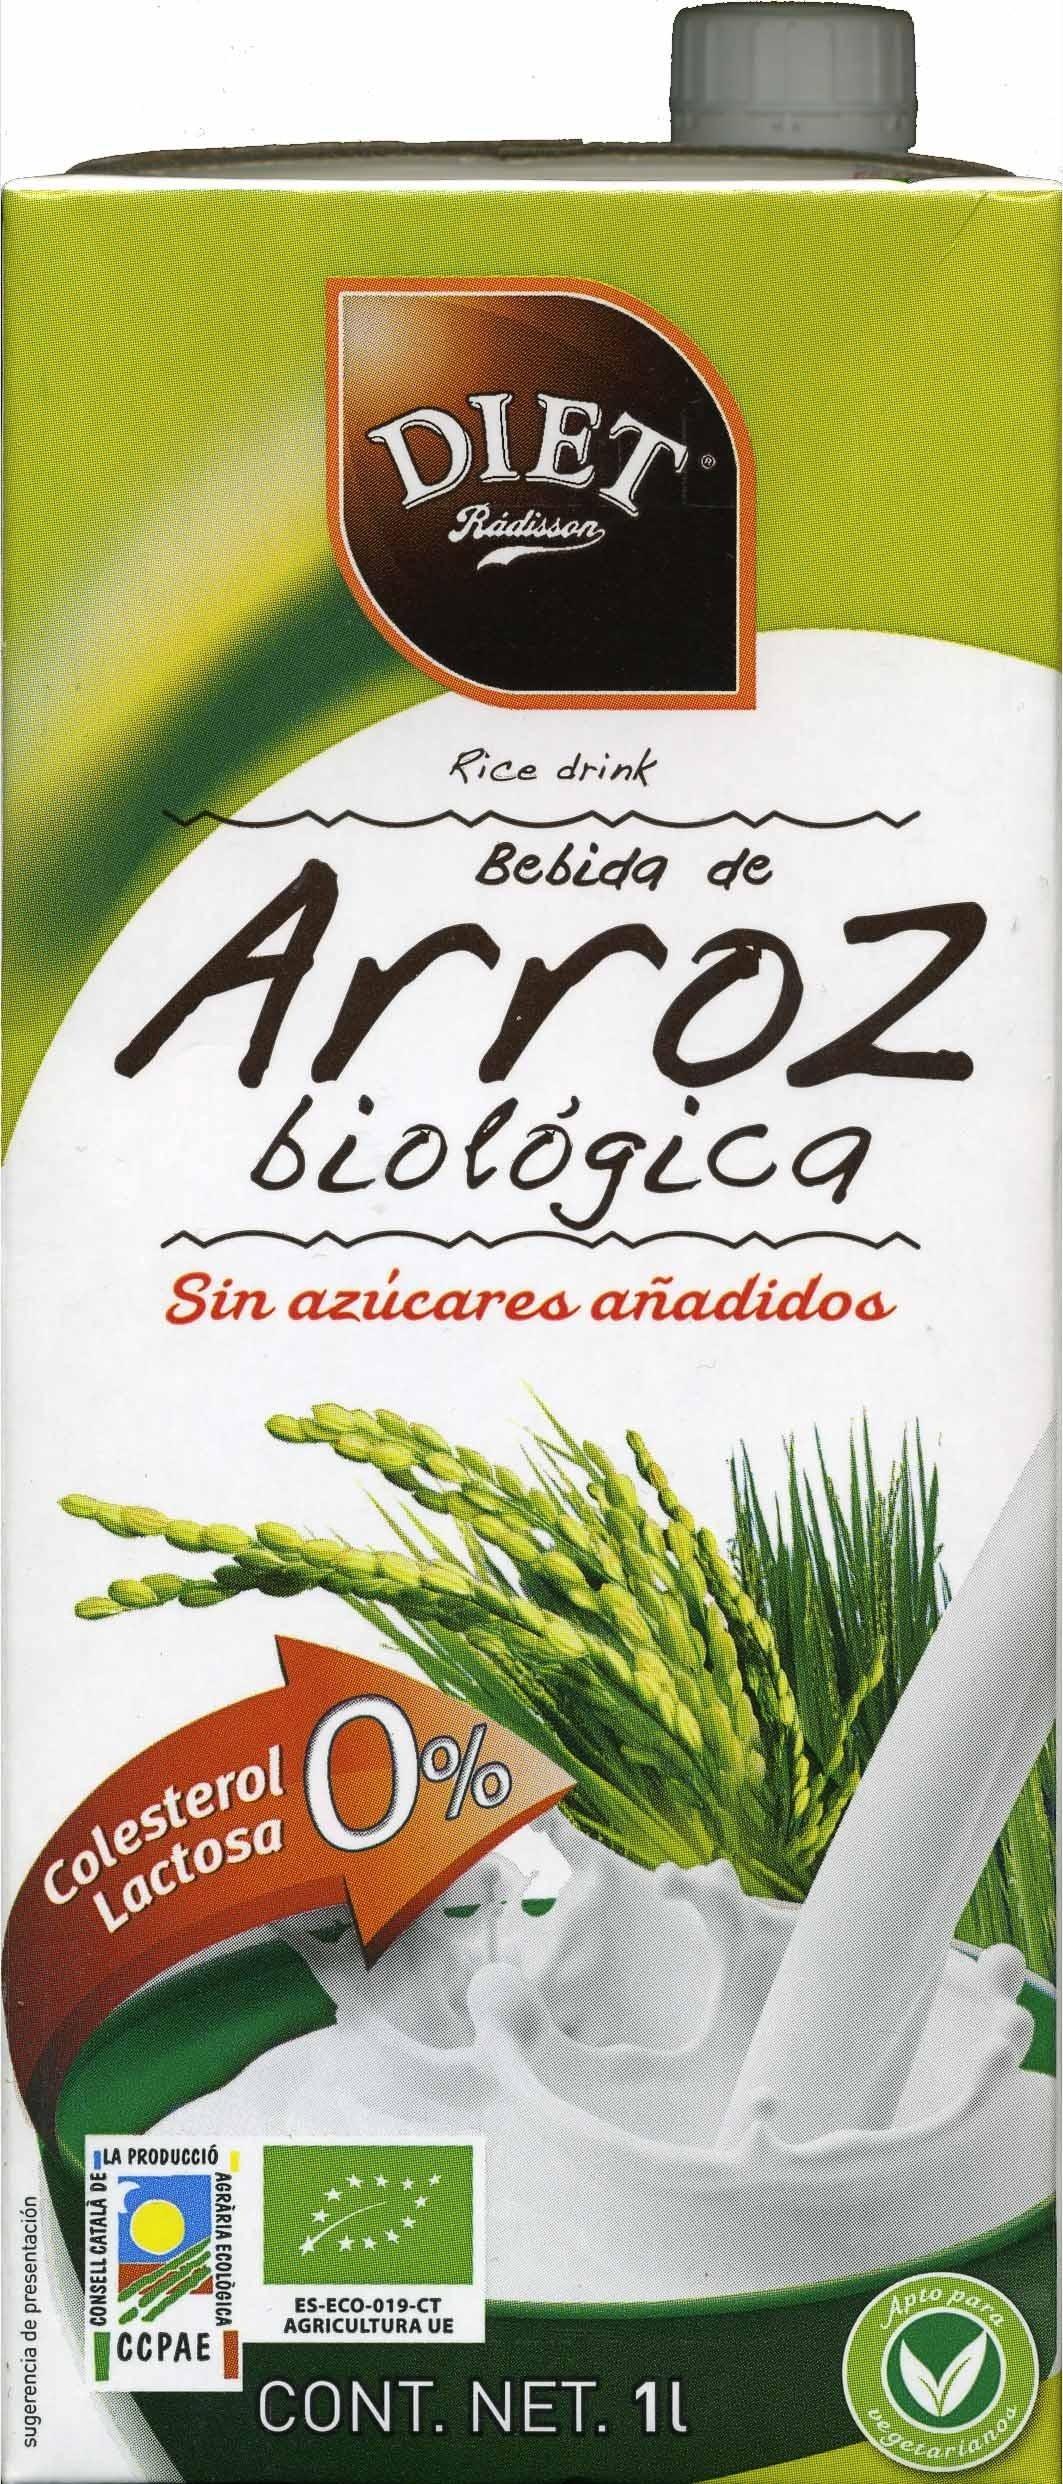 Bebida de arroz Integral Biológica - Producto - es